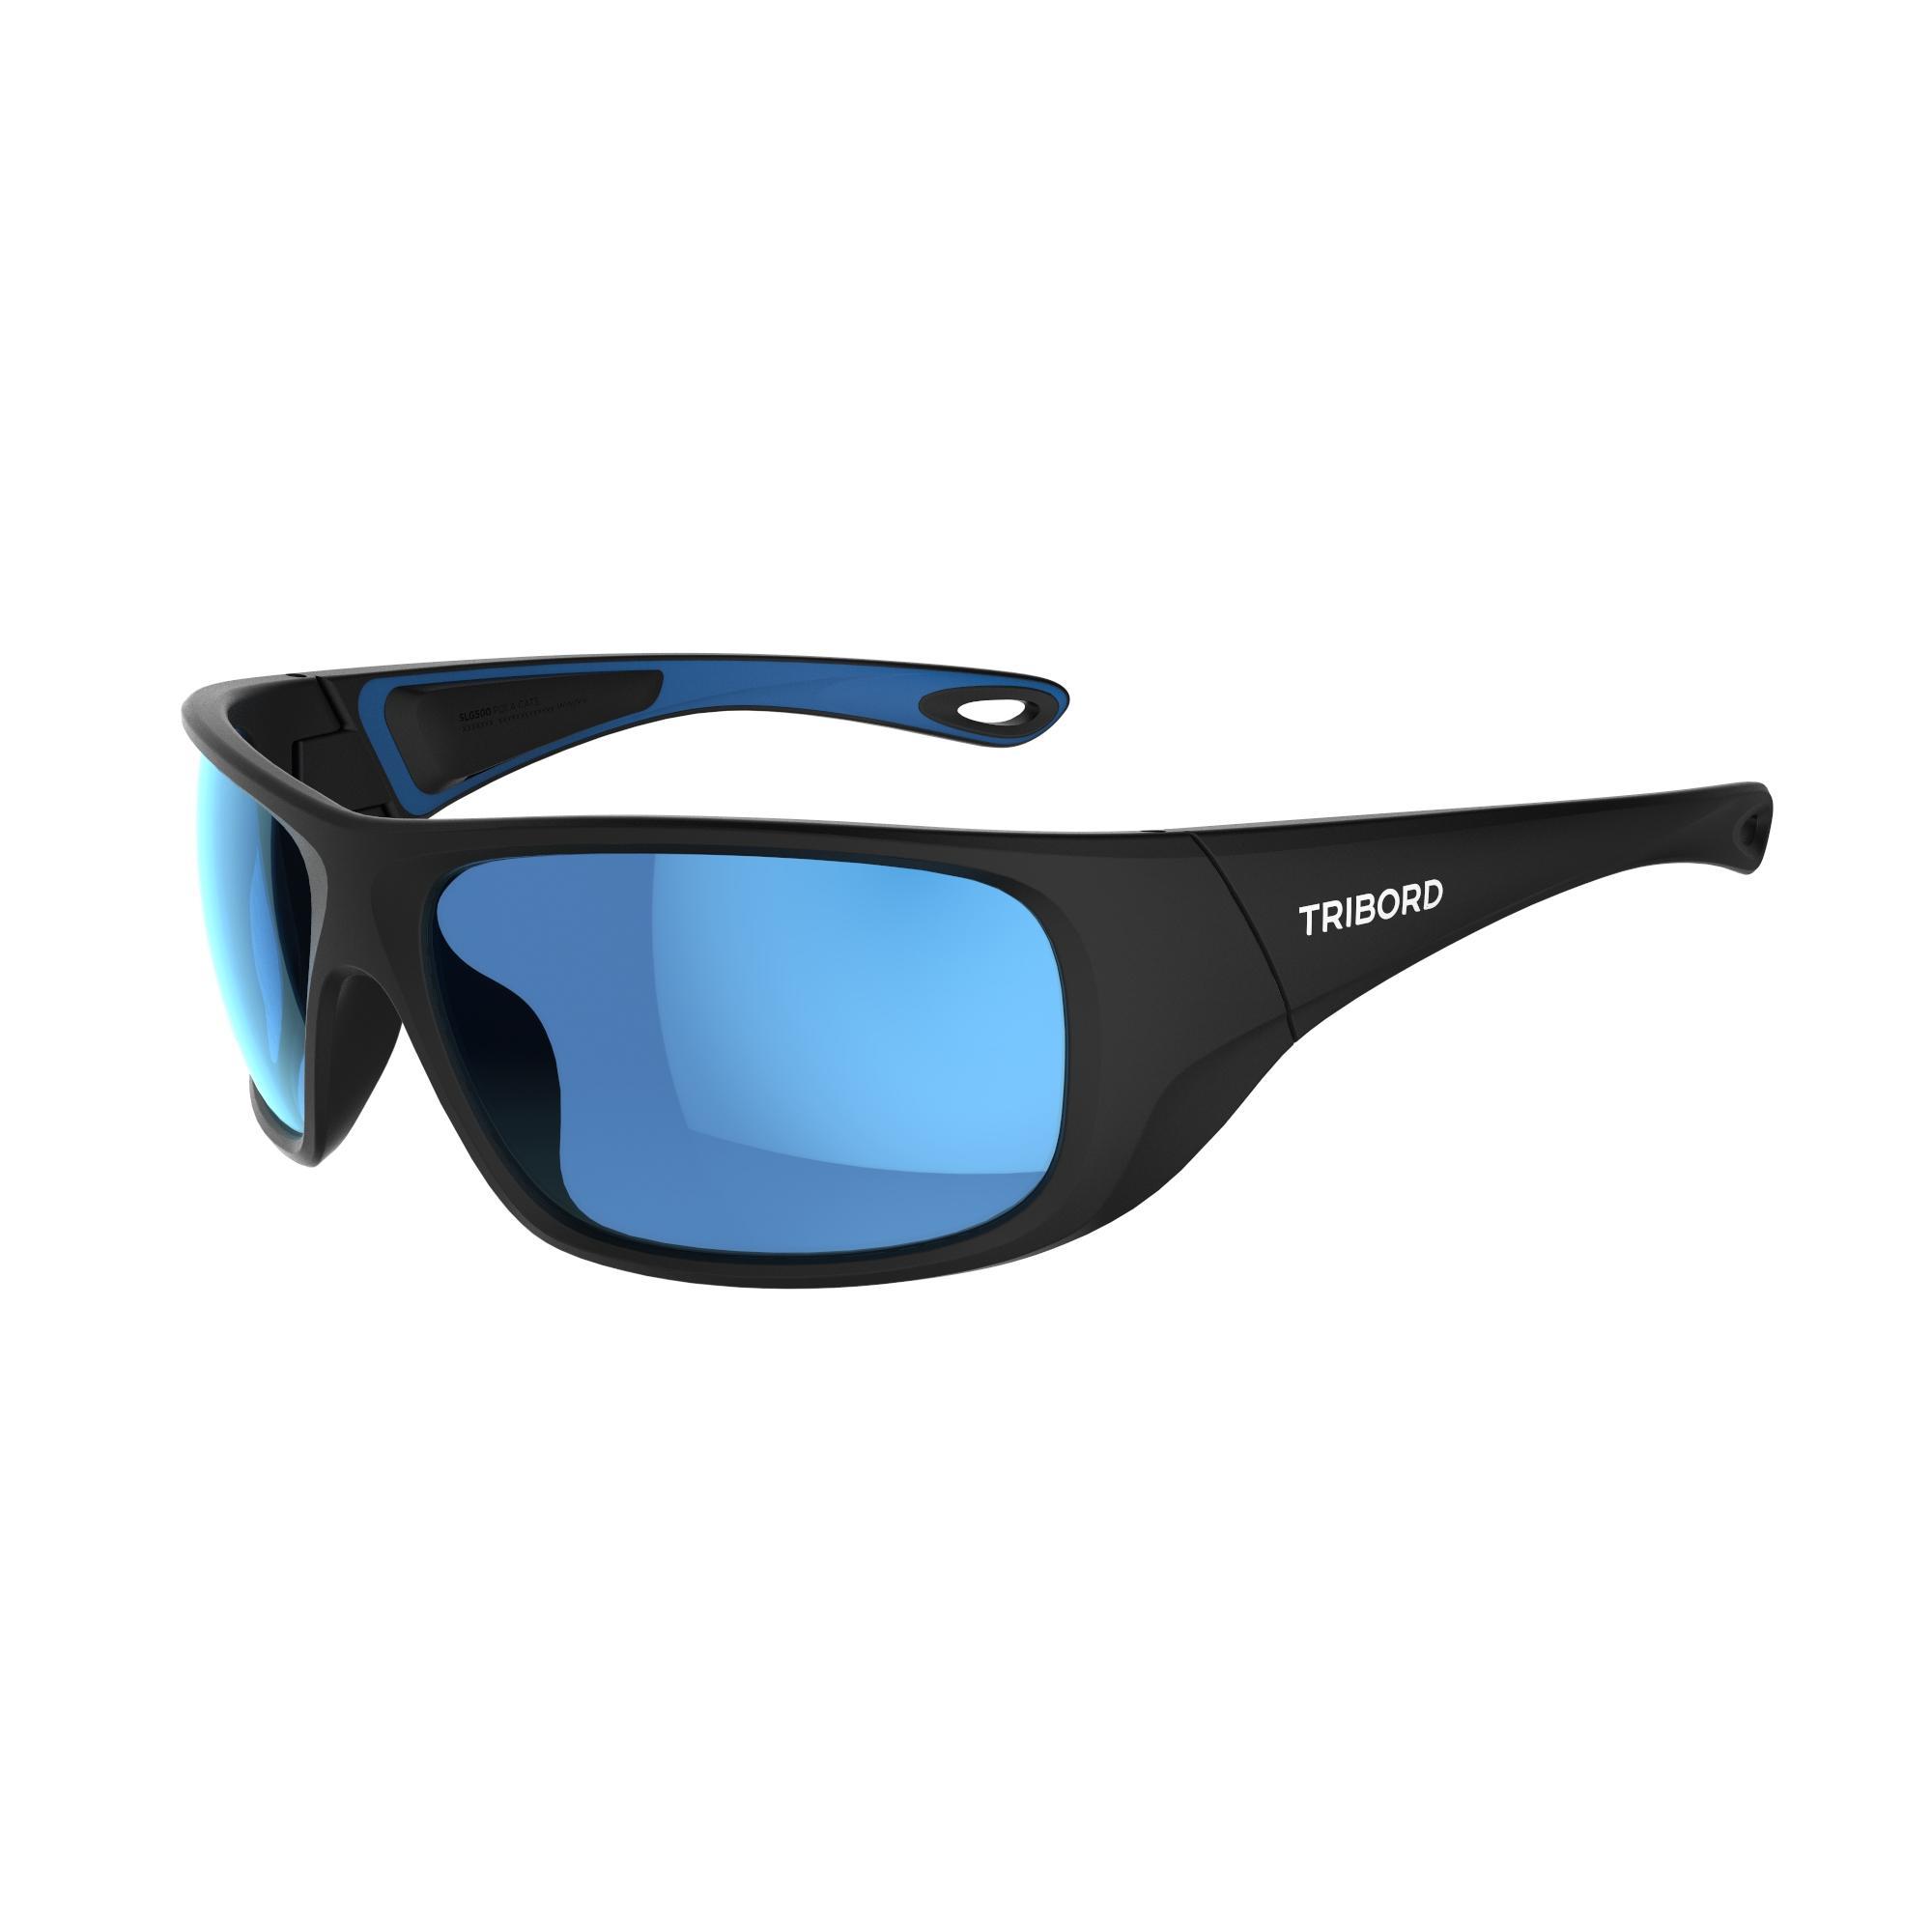 Tribord Watersportbril 500 voor volwassenen, zwart blauw polariserend cat. 3